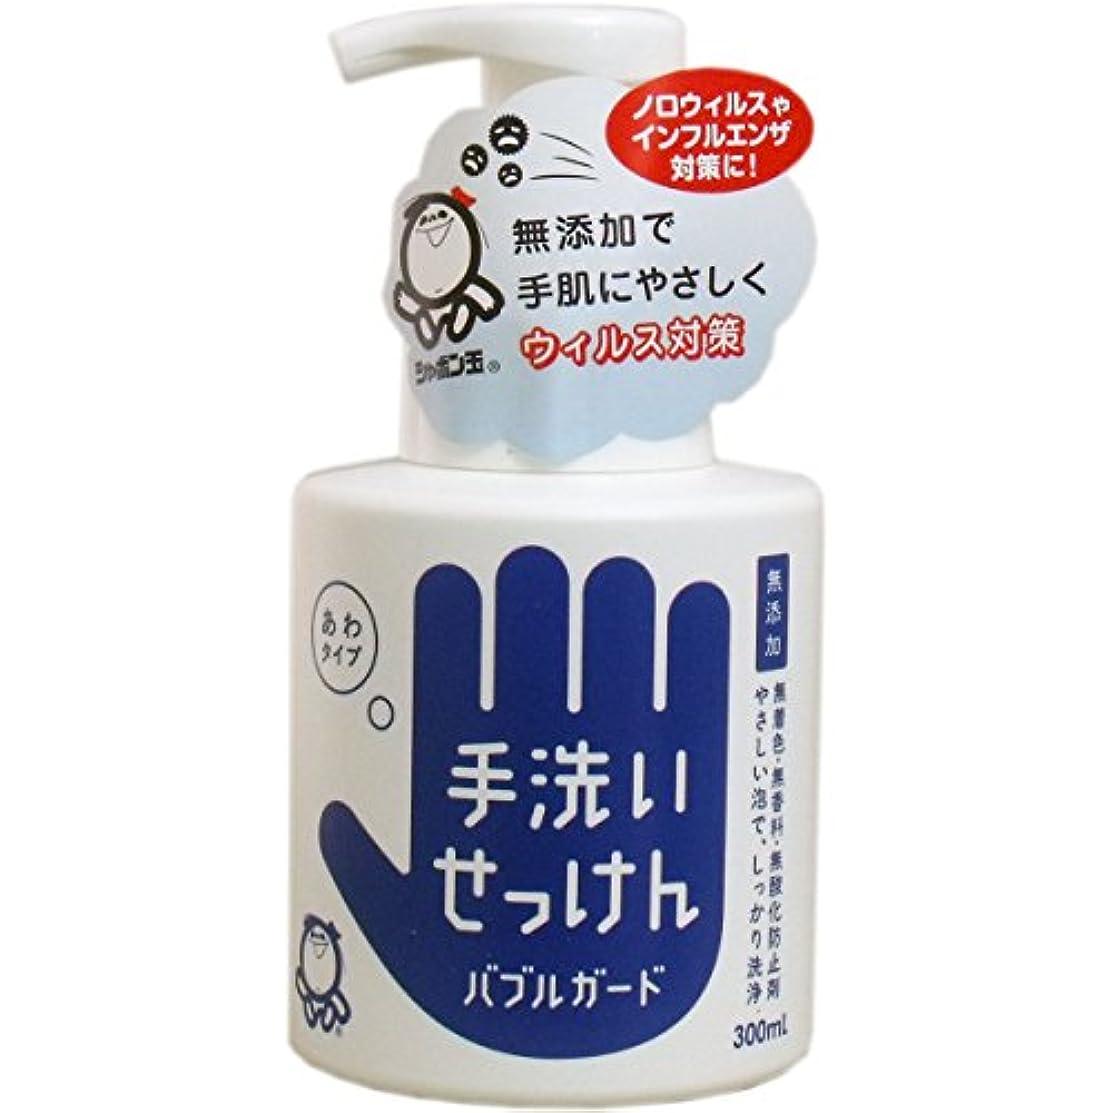 改革責基準シャボン玉石けん 手洗いせっけん バブルガード 本体 300ml 1本